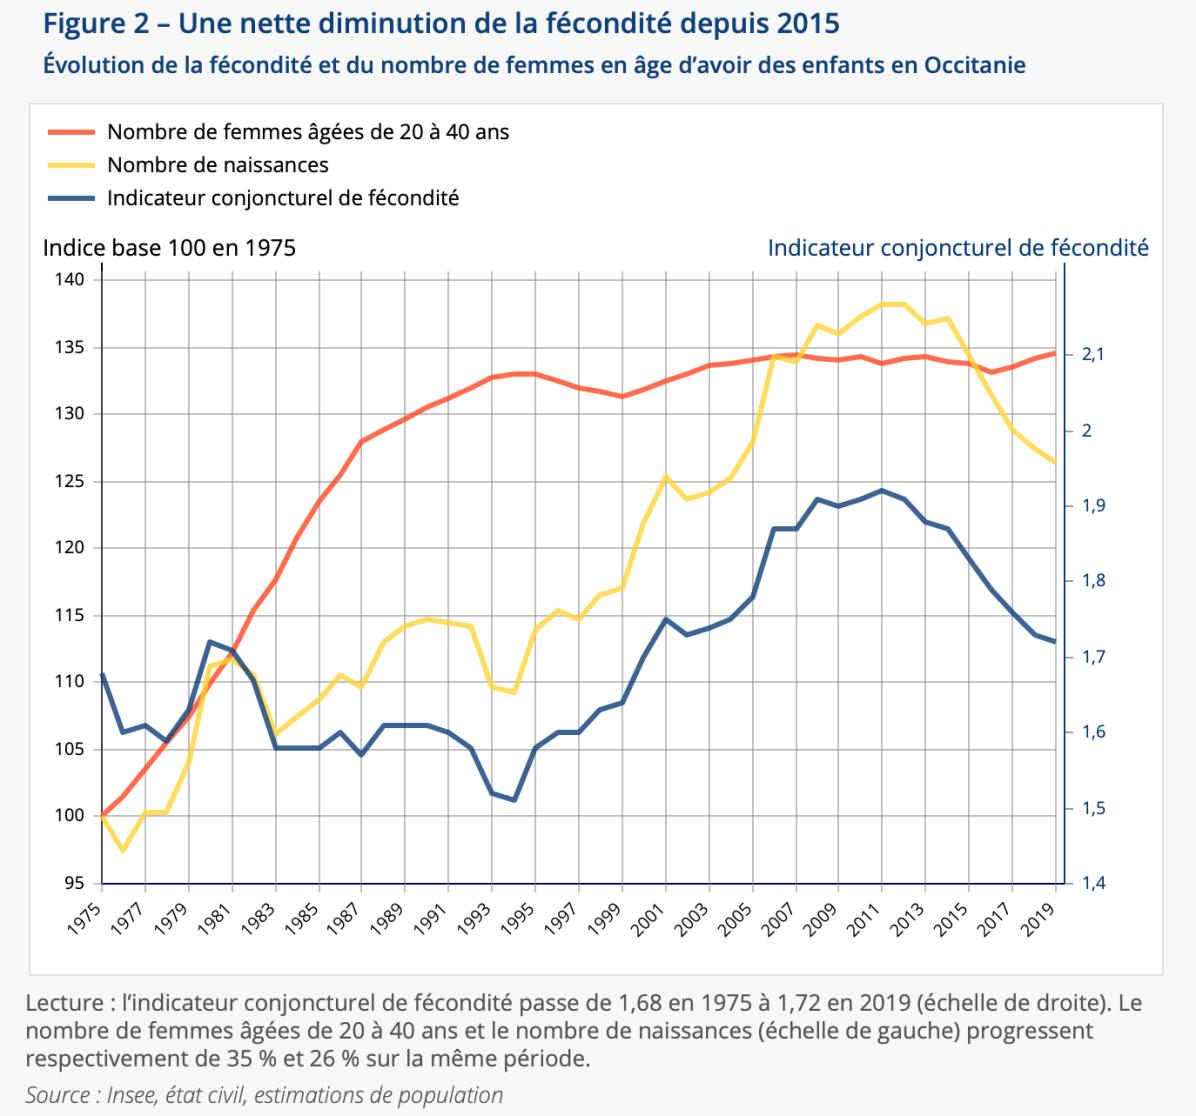 Evolution de la fécondité et du nombre de femmes en âge d'avoir des enfants en Occitanie